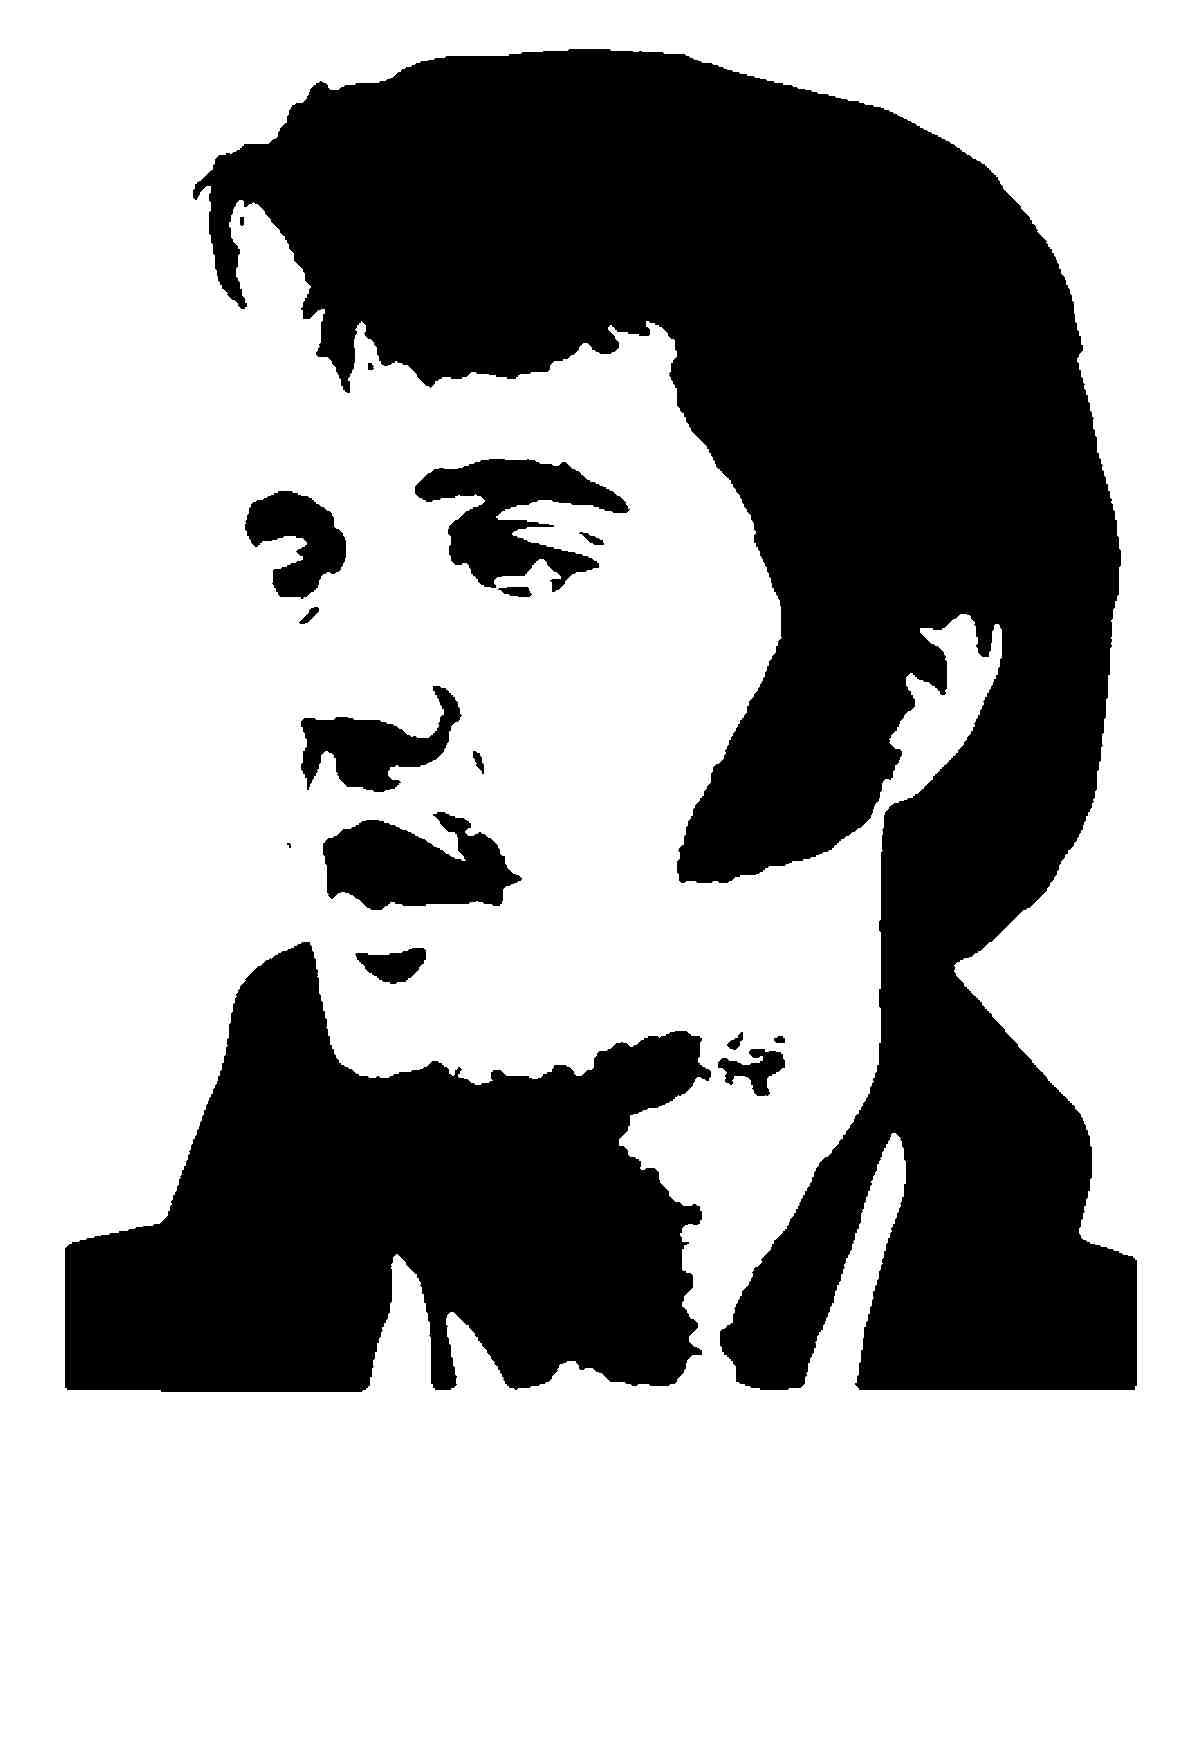 Image For U0026gt; Elvis Clipart. Elvis -Image For u0026gt; Elvis Clipart. Elvis Presley Dancers Clipart-17